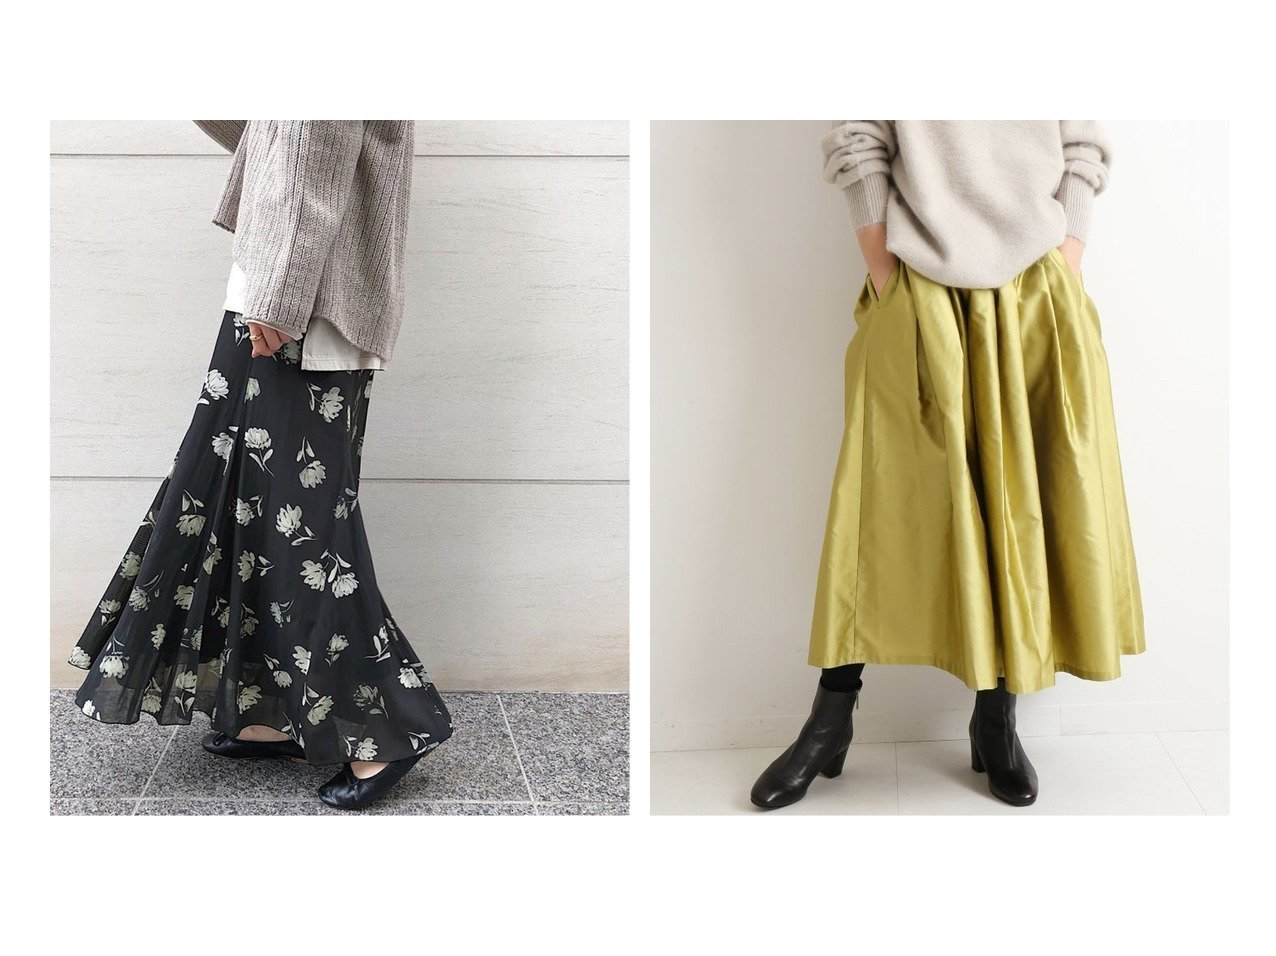 【IENA/イエナ】の《追加》カッセンデシンパネルスカート&《追加》AIDAタフタギャザースカート スカートのおすすめ!人気、レディースファッションの通販 おすすめで人気のファッション通販商品 インテリア・家具・キッズファッション・メンズファッション・レディースファッション・服の通販 founy(ファニー) https://founy.com/ ファッション Fashion レディース WOMEN スカート Skirt Aライン/フレアスカート Flared A-Line Skirts 秋冬 A/W Autumn/ Winter ギャザー フラワー フレア プリント マキシ イエロー くるぶし ドレス  ID:crp329100000001477